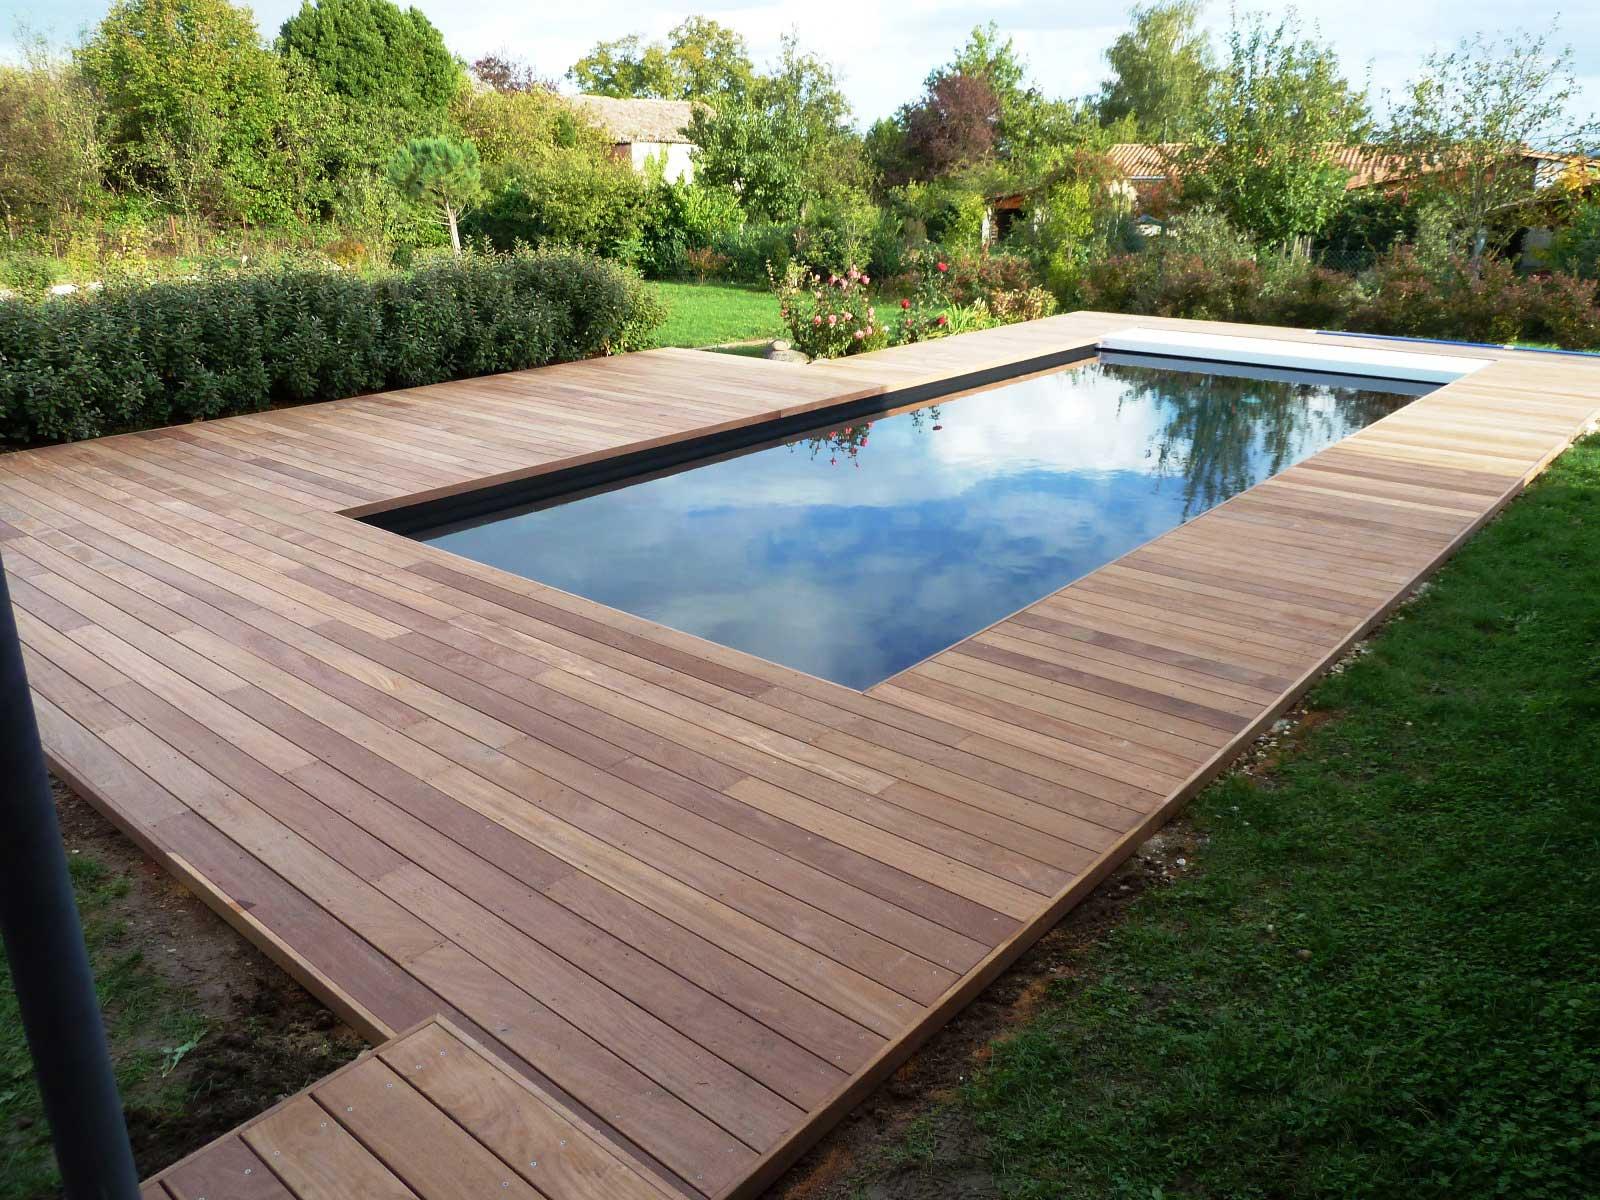 terrasse bois exotique cumaru piscine bordeaux merignac gironde angouleme charente arbao